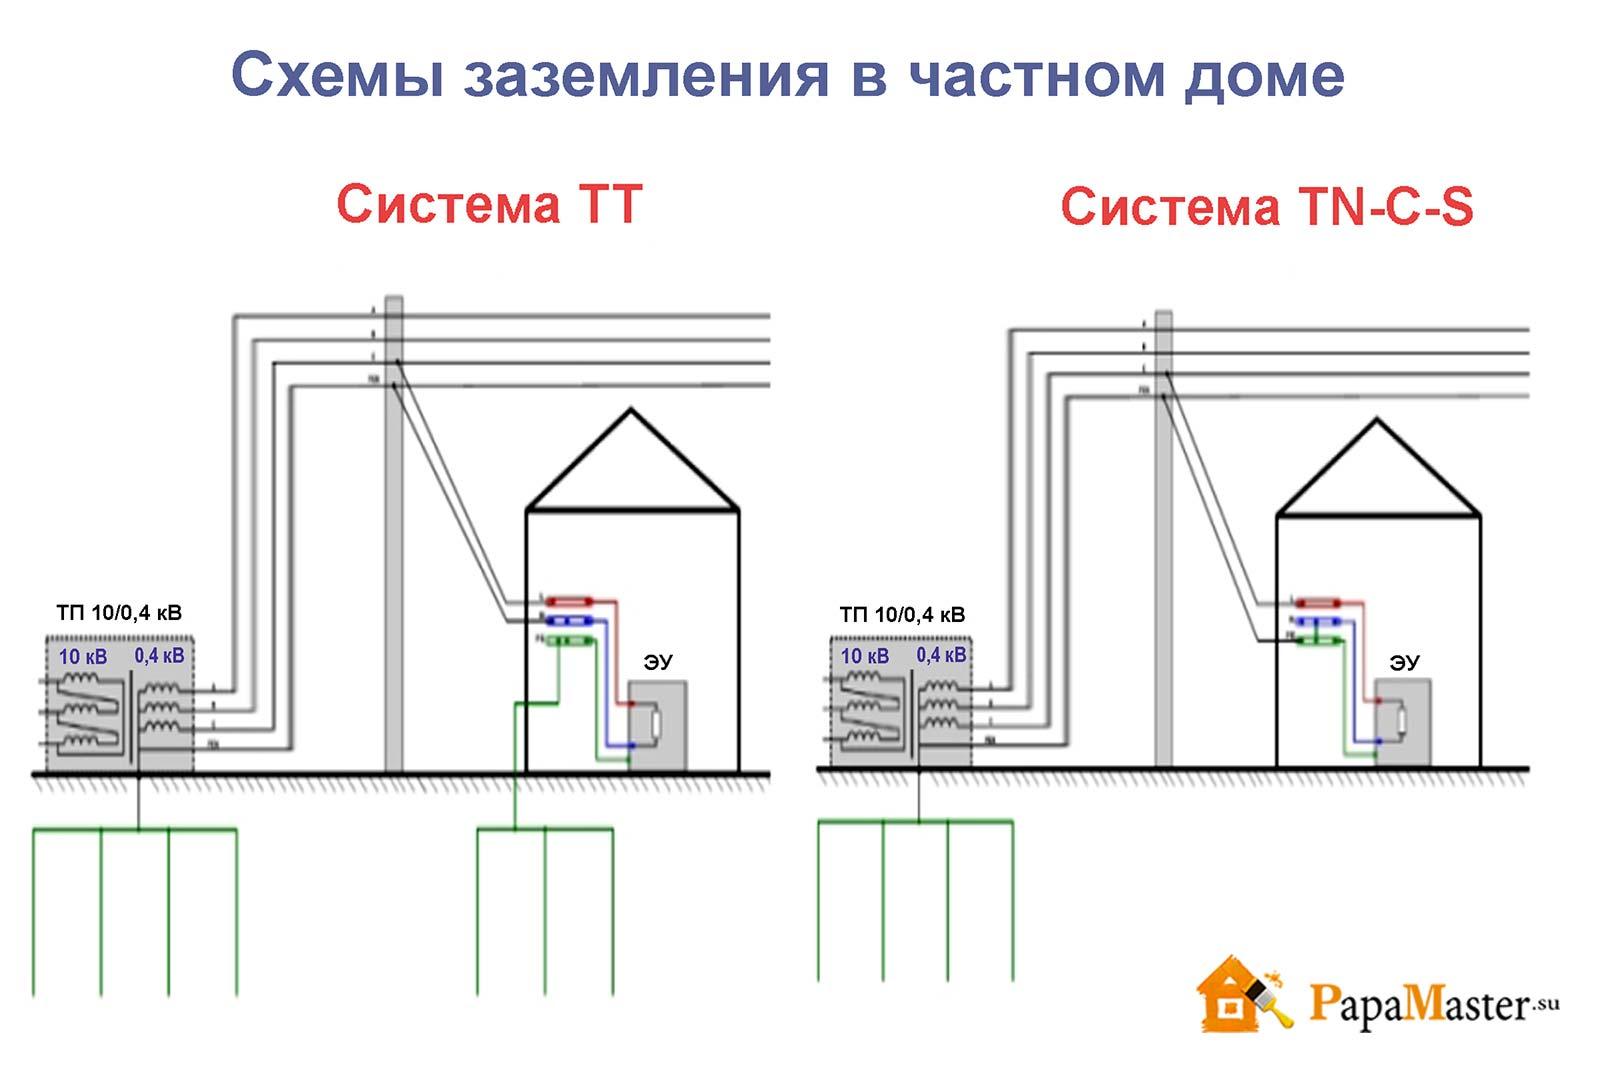 Как сделать заземление в частном доме цена 196